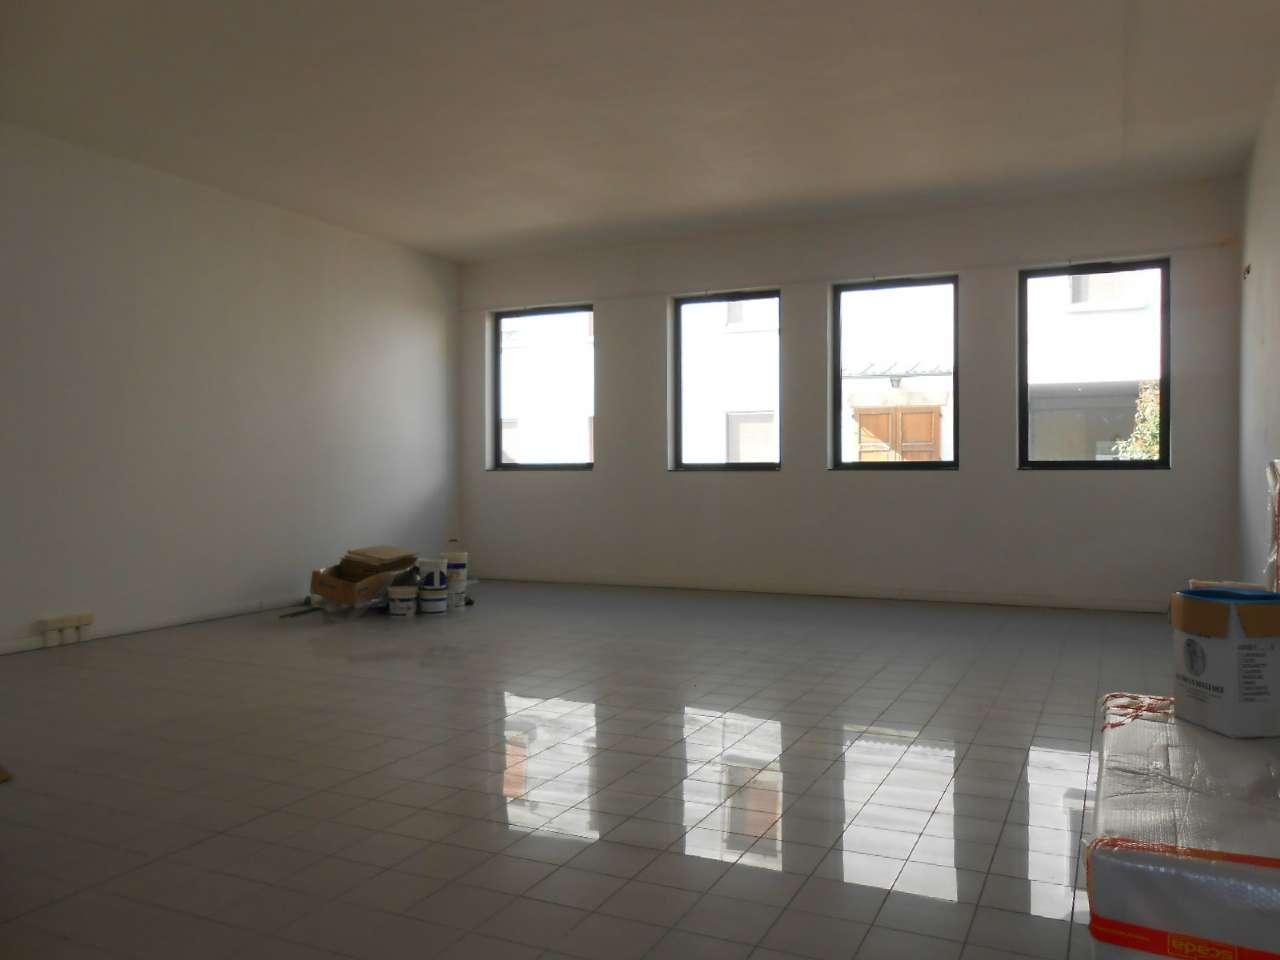 Ufficio / Studio in vendita a Madignano, 2 locali, prezzo € 120.000   PortaleAgenzieImmobiliari.it